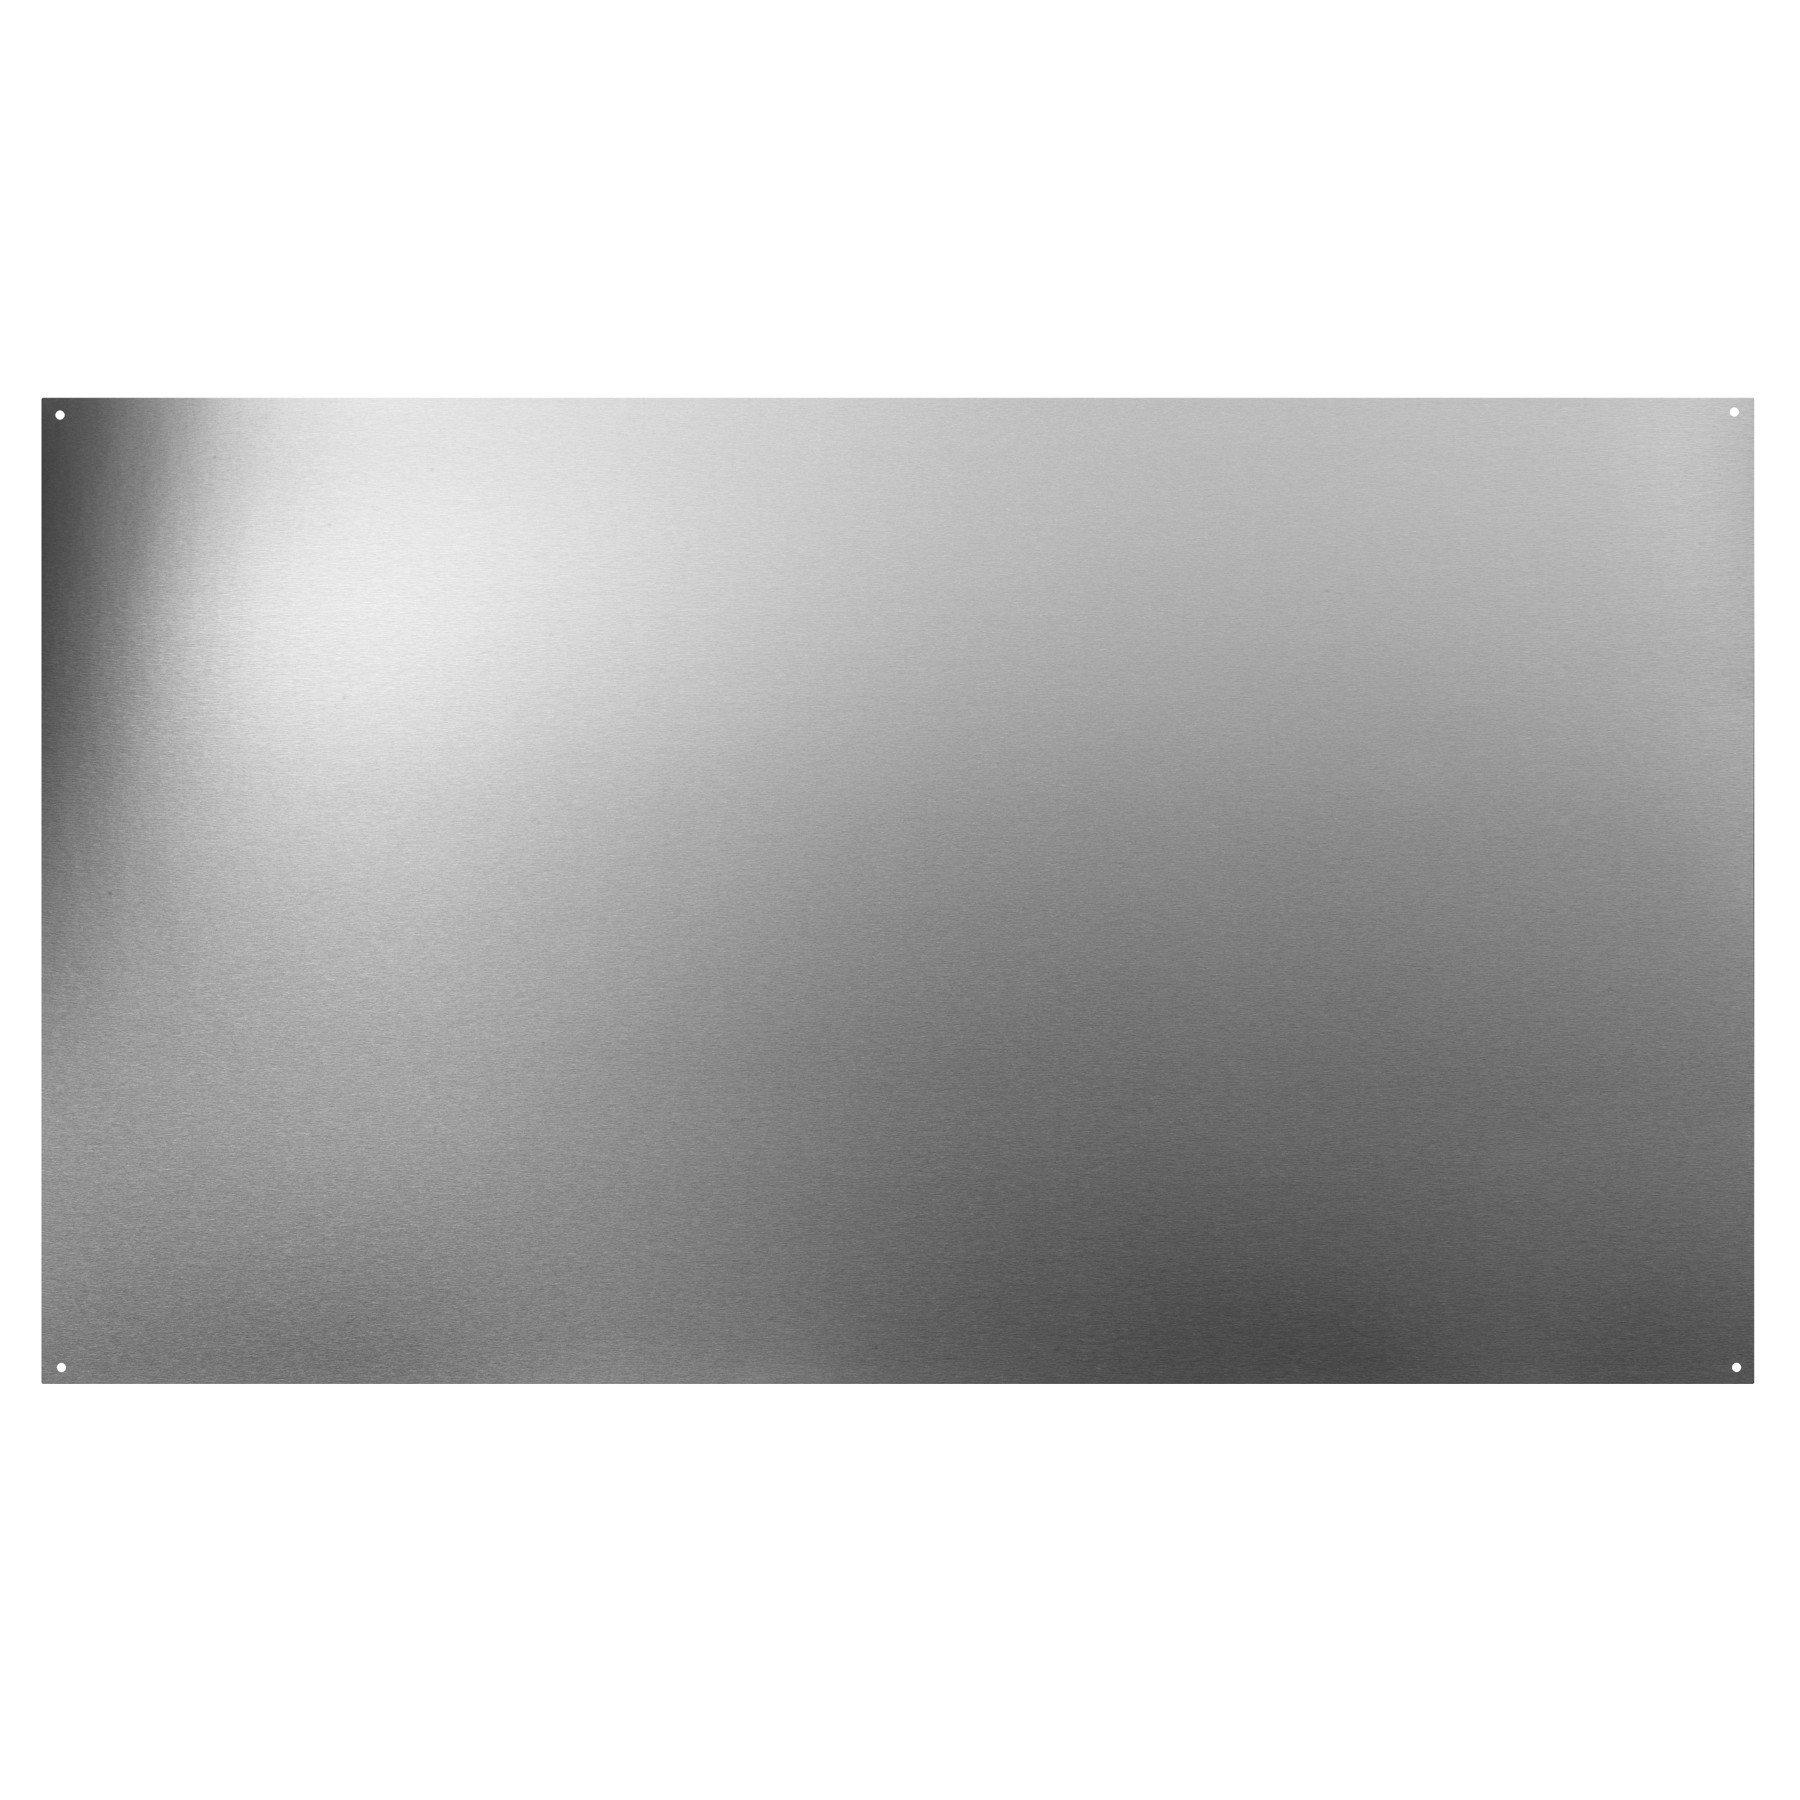 Broan SP3004 Backsplash Range Hood Wall Shield, 24 by 30-Inch, Stainless Steel